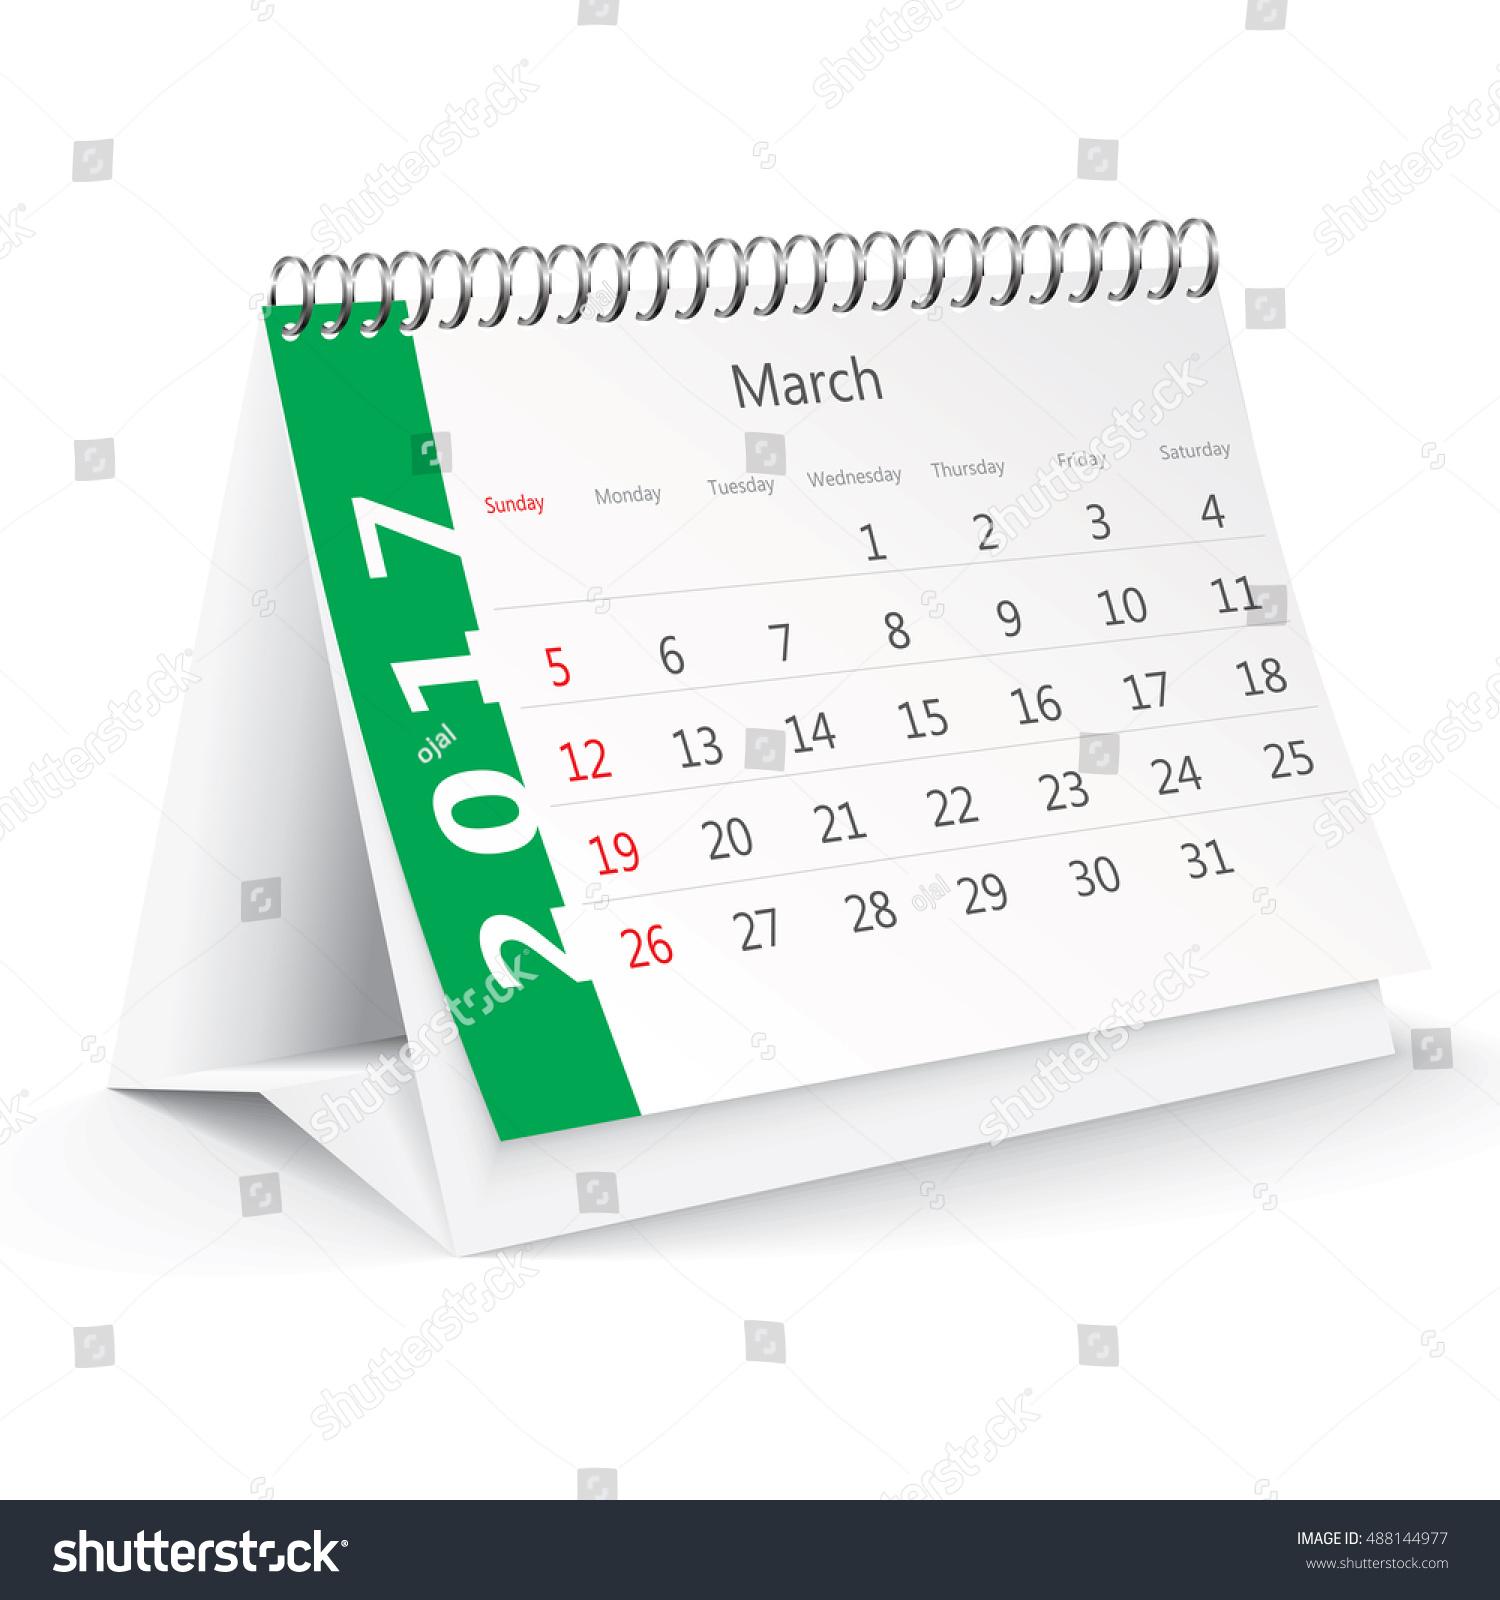 Calendar Illustration Board : March desk calendar vector illustration stock